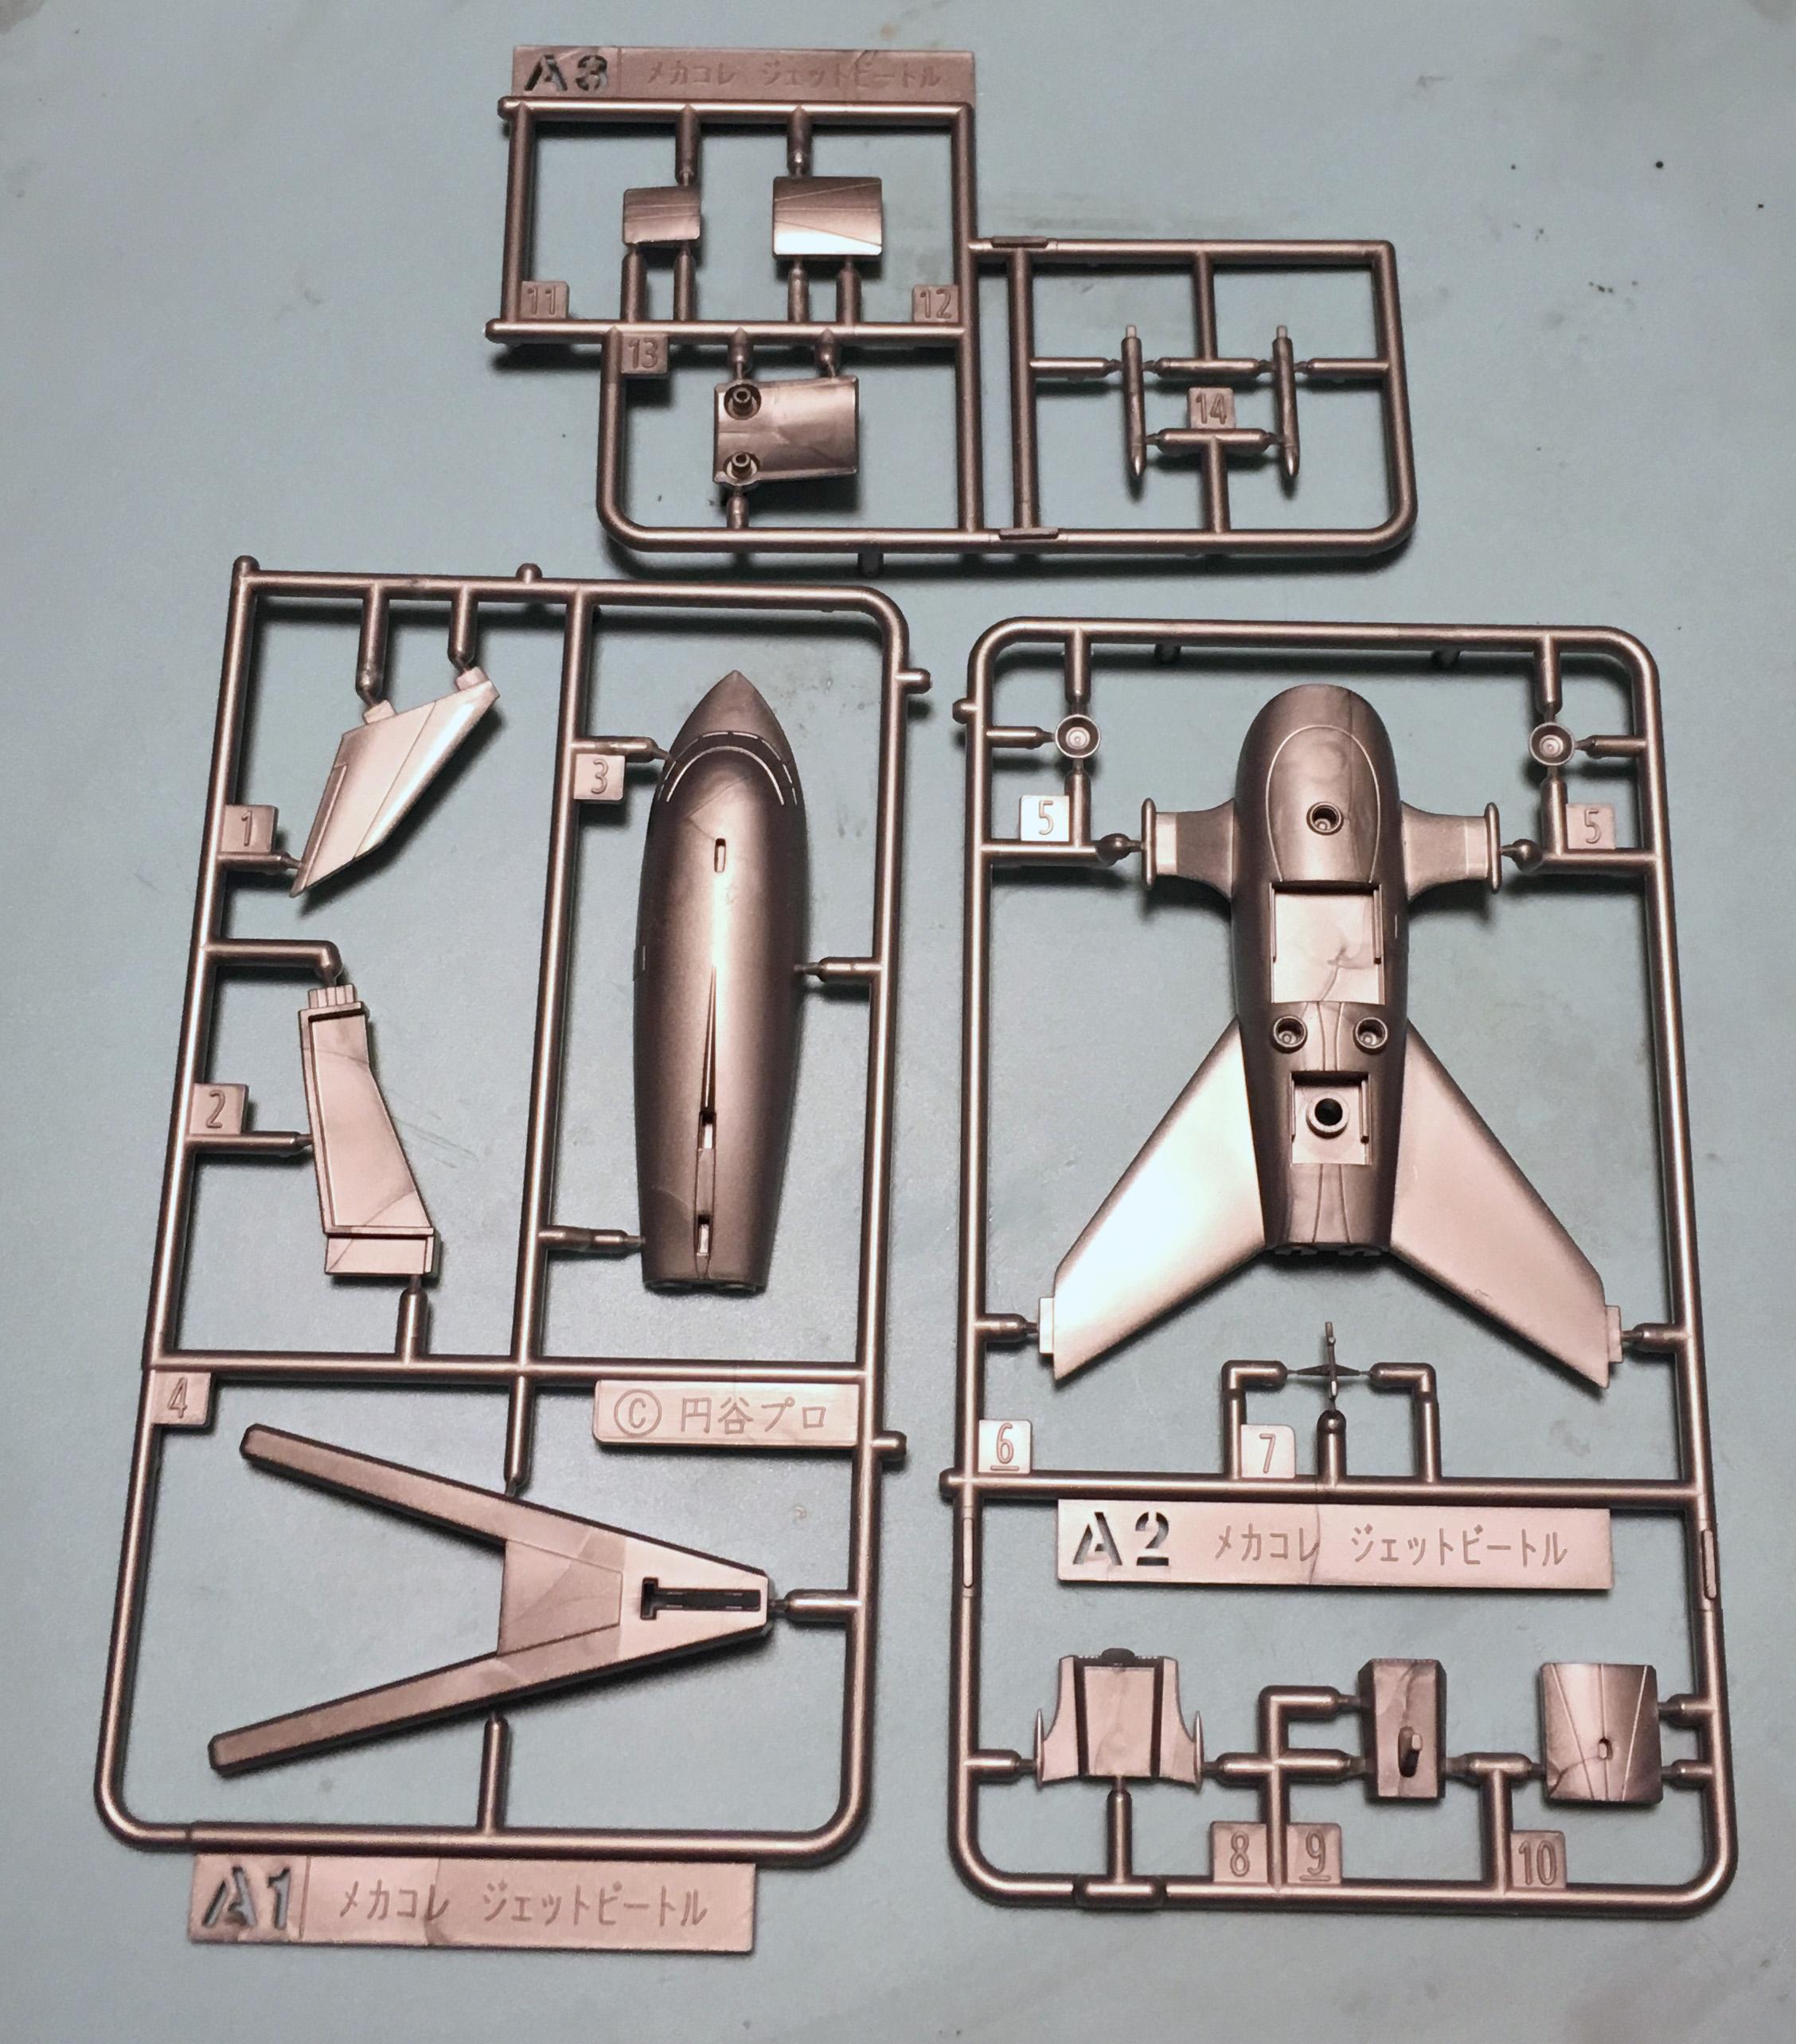 ジェットビートルのランナー状態のシルバーパーツ